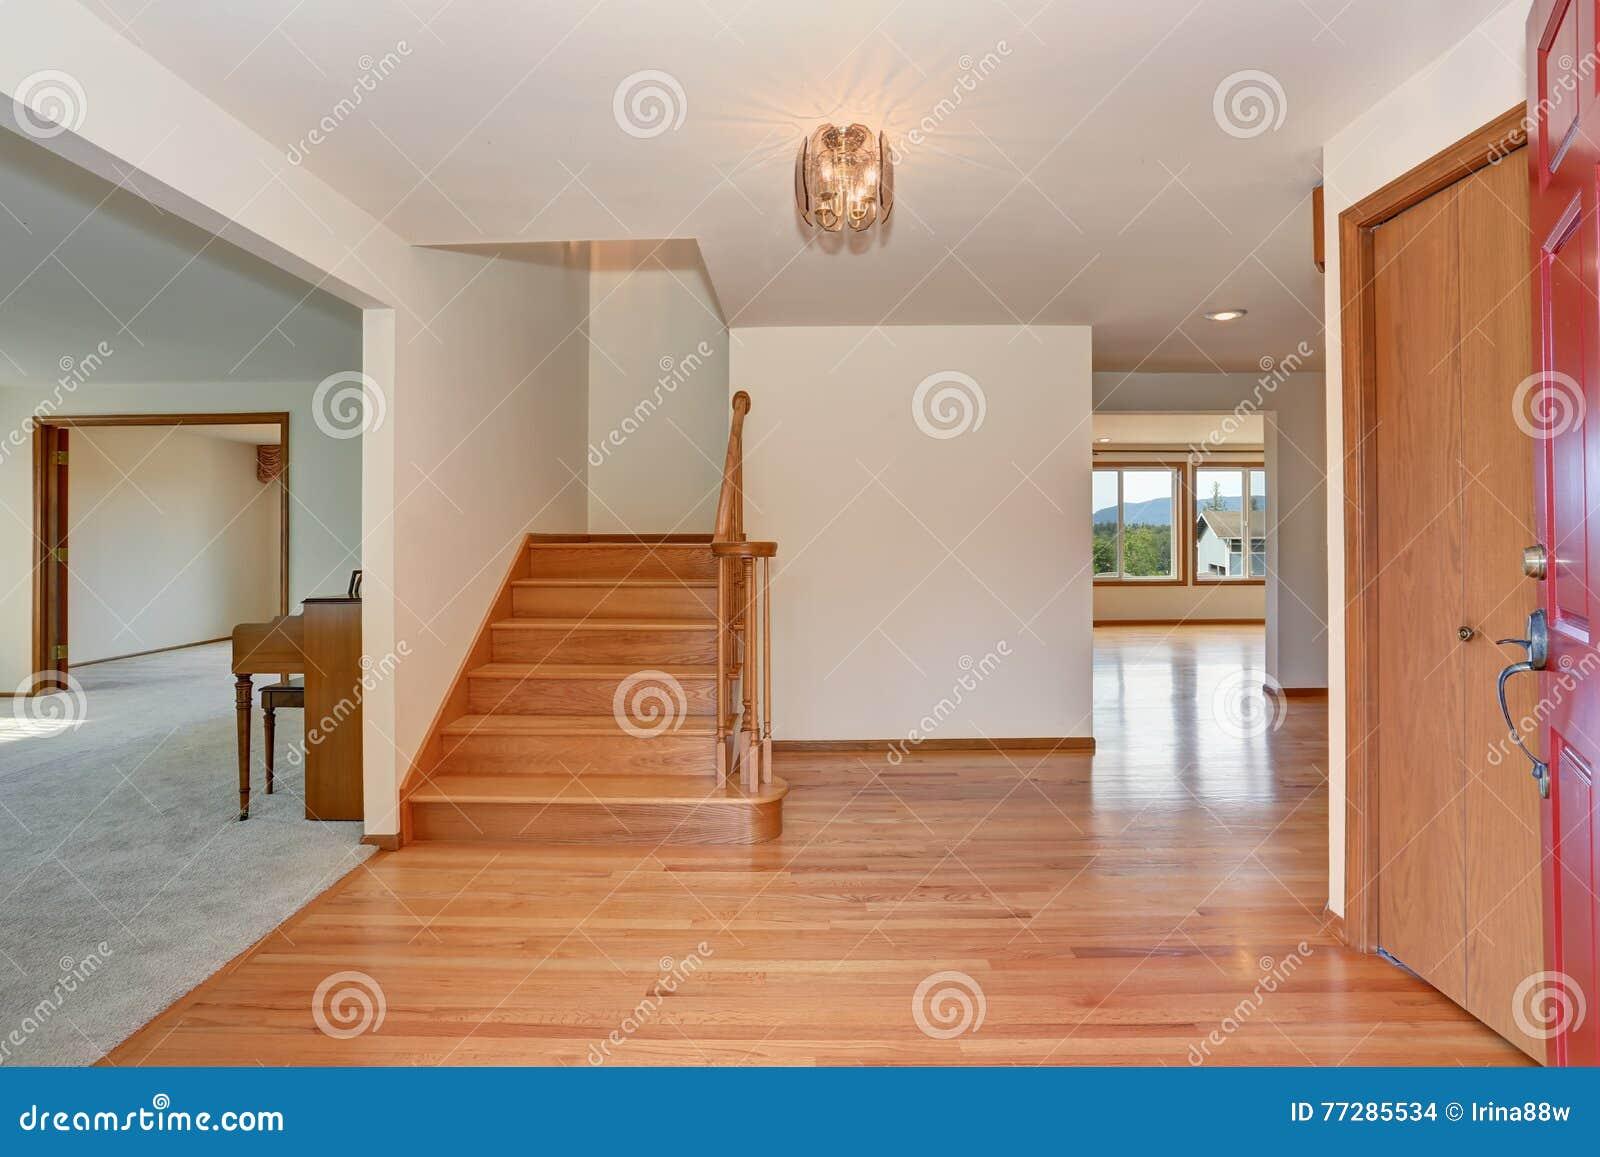 hallway interior with hardwood floor view from opened front door